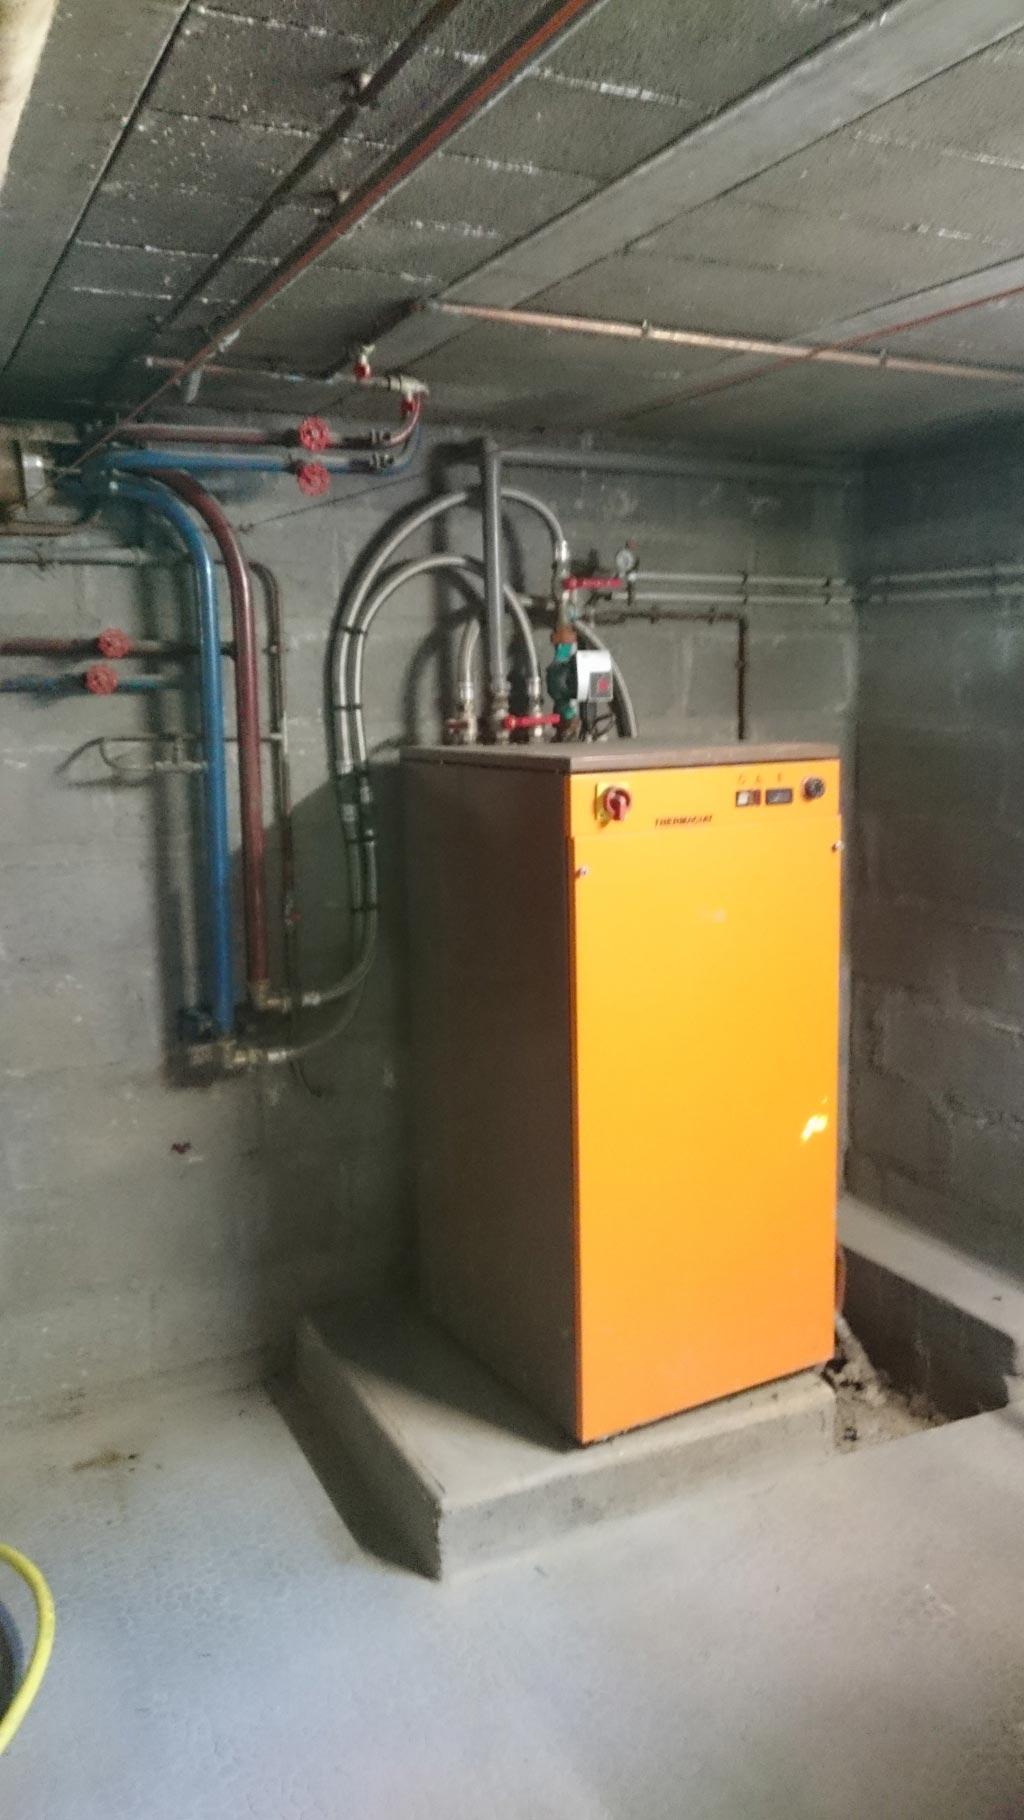 Pompe à chaleur géothermie sur nappe phréatique Etao Enthalpie